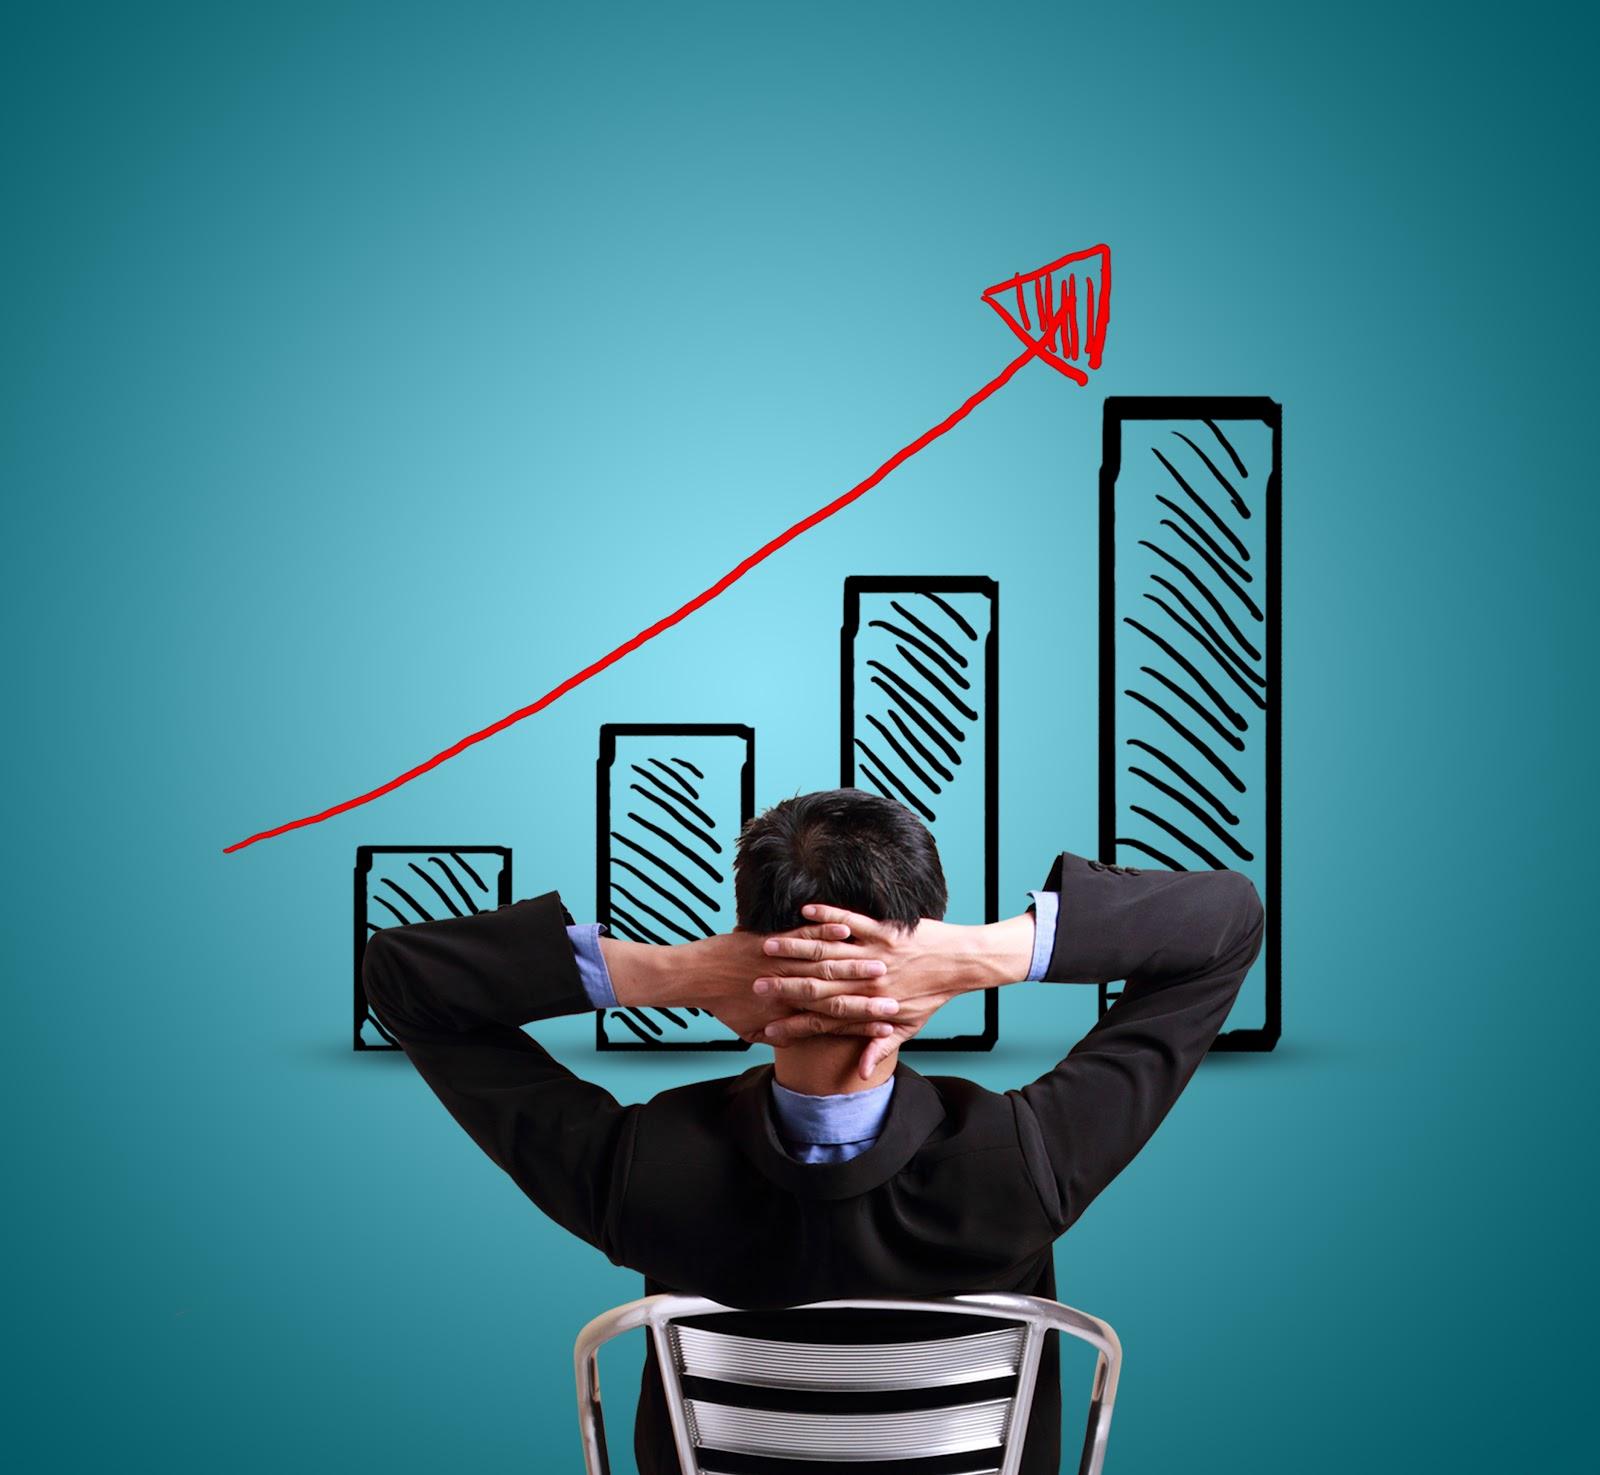 Анализ рынка и аудитории